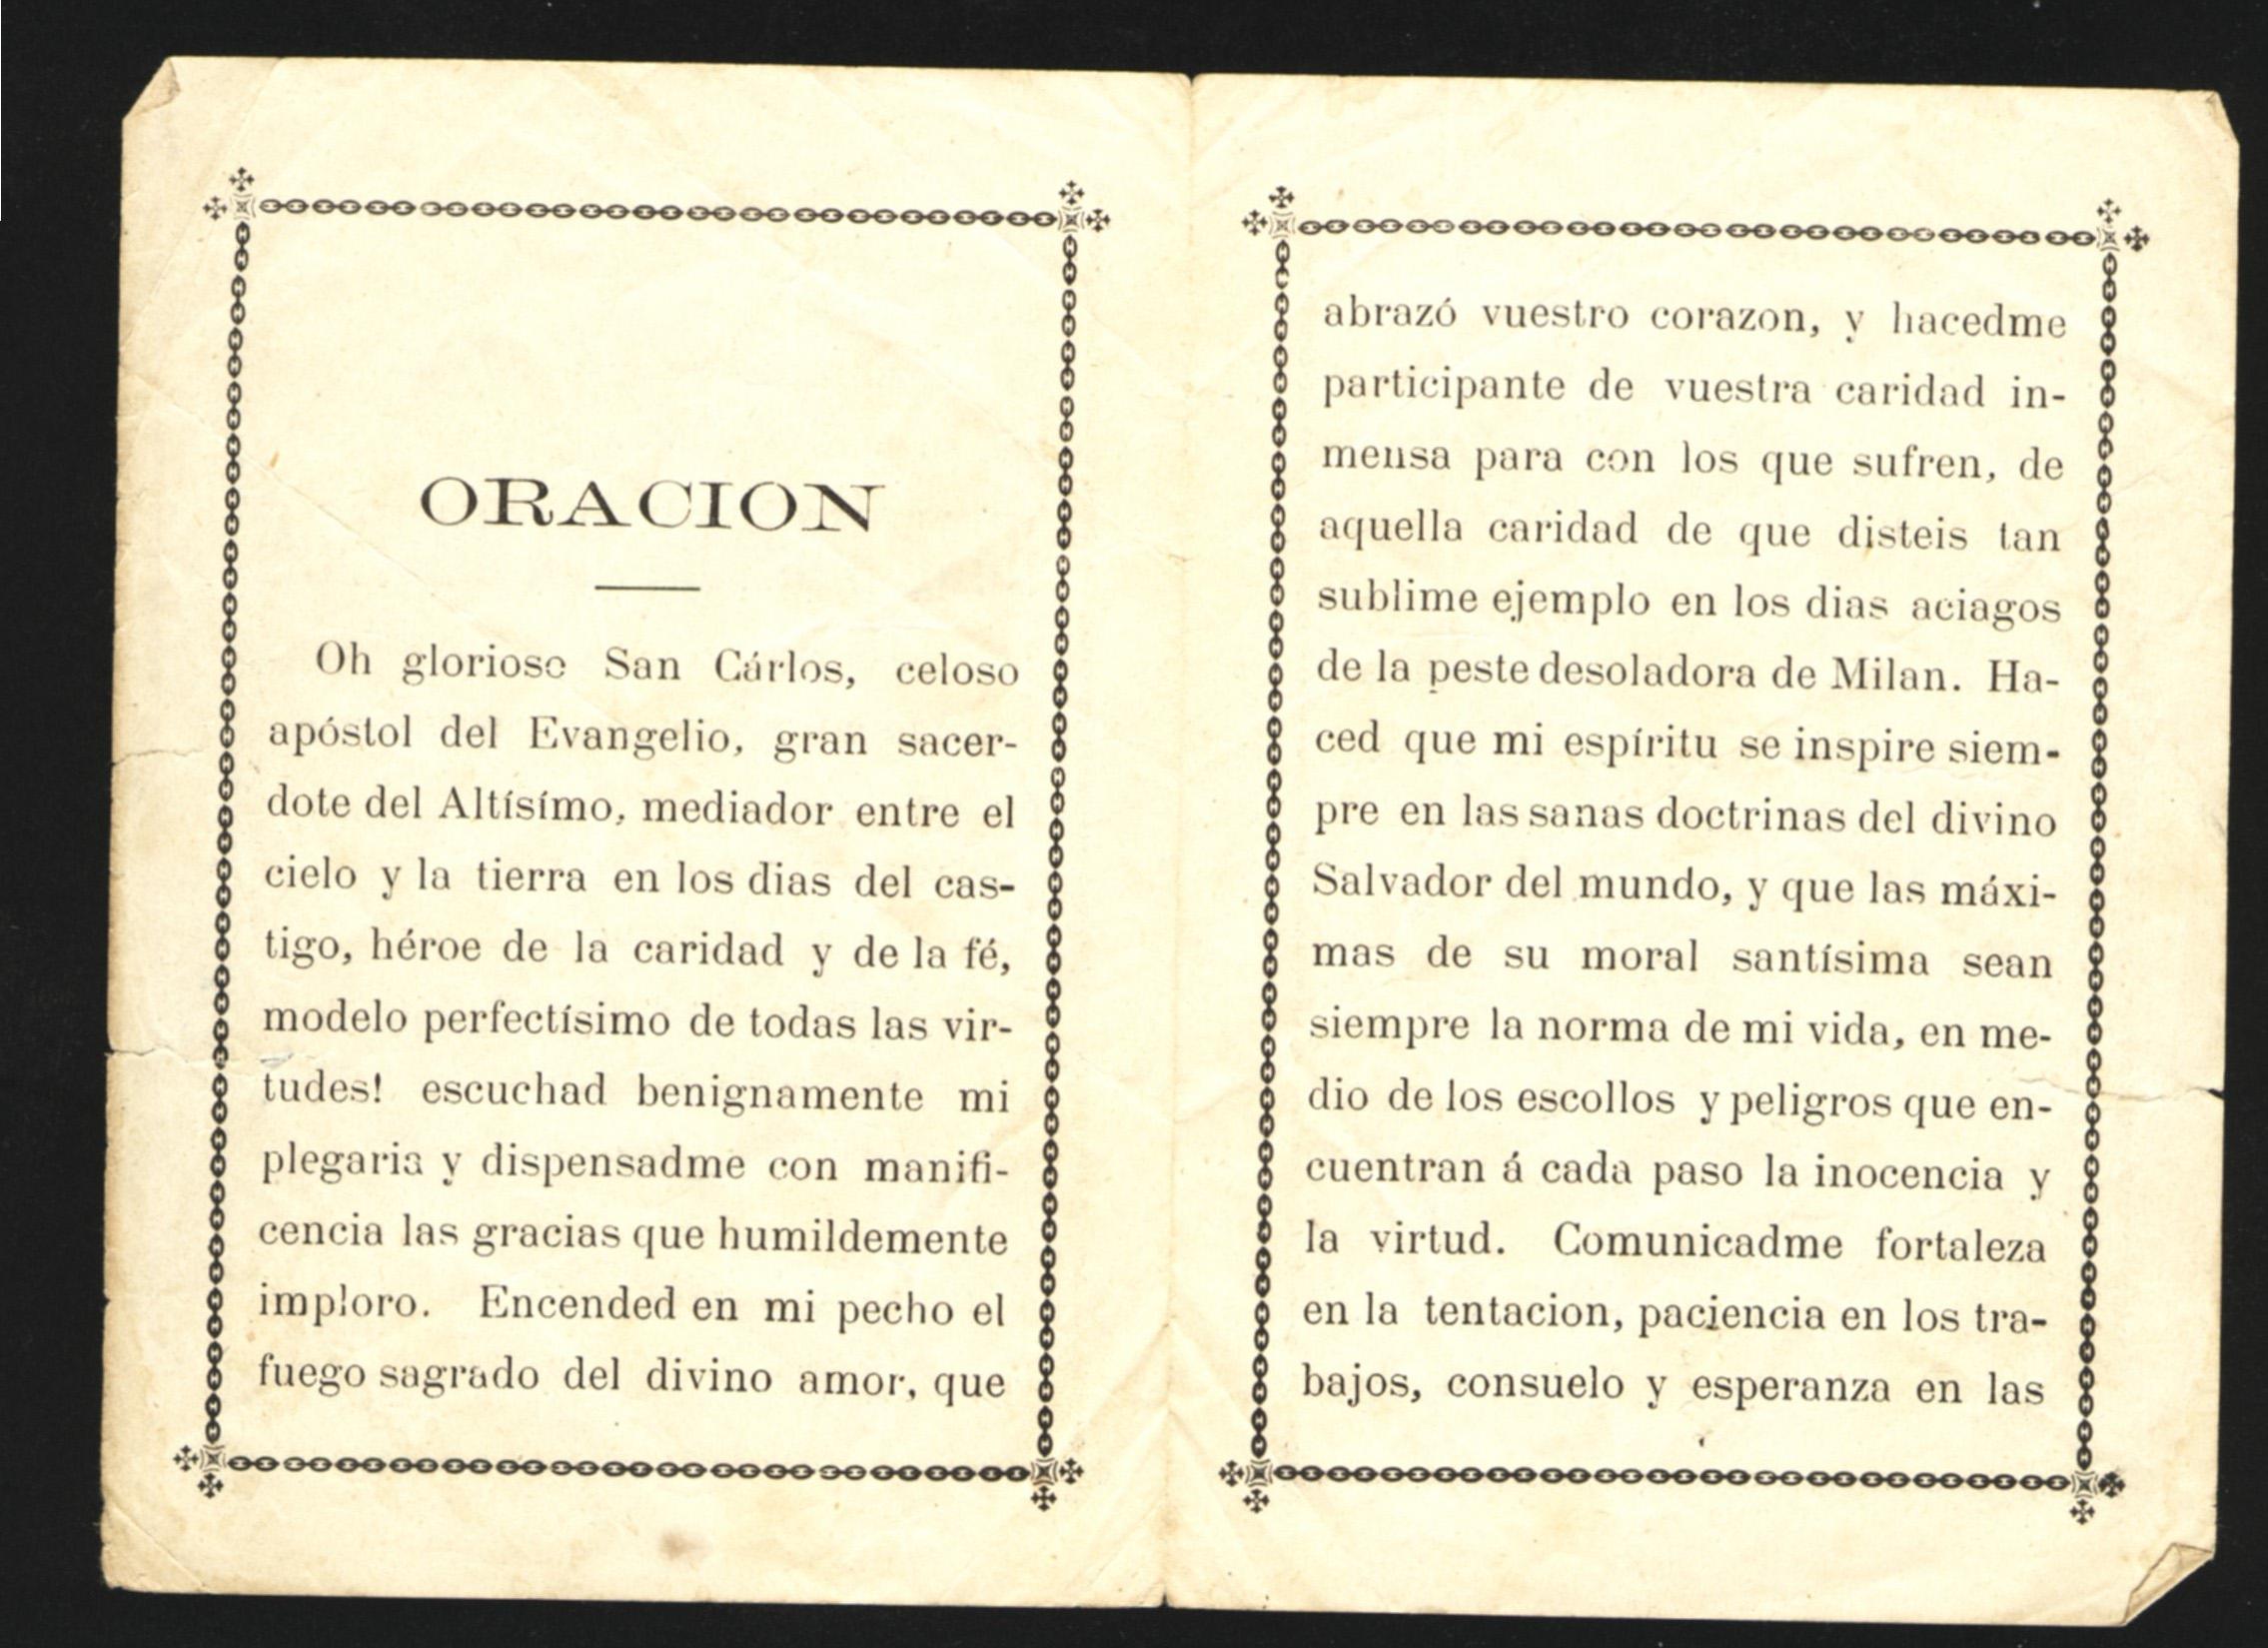 Estampita recordando la inauguración de la Iglesia San Carlos. Interior.